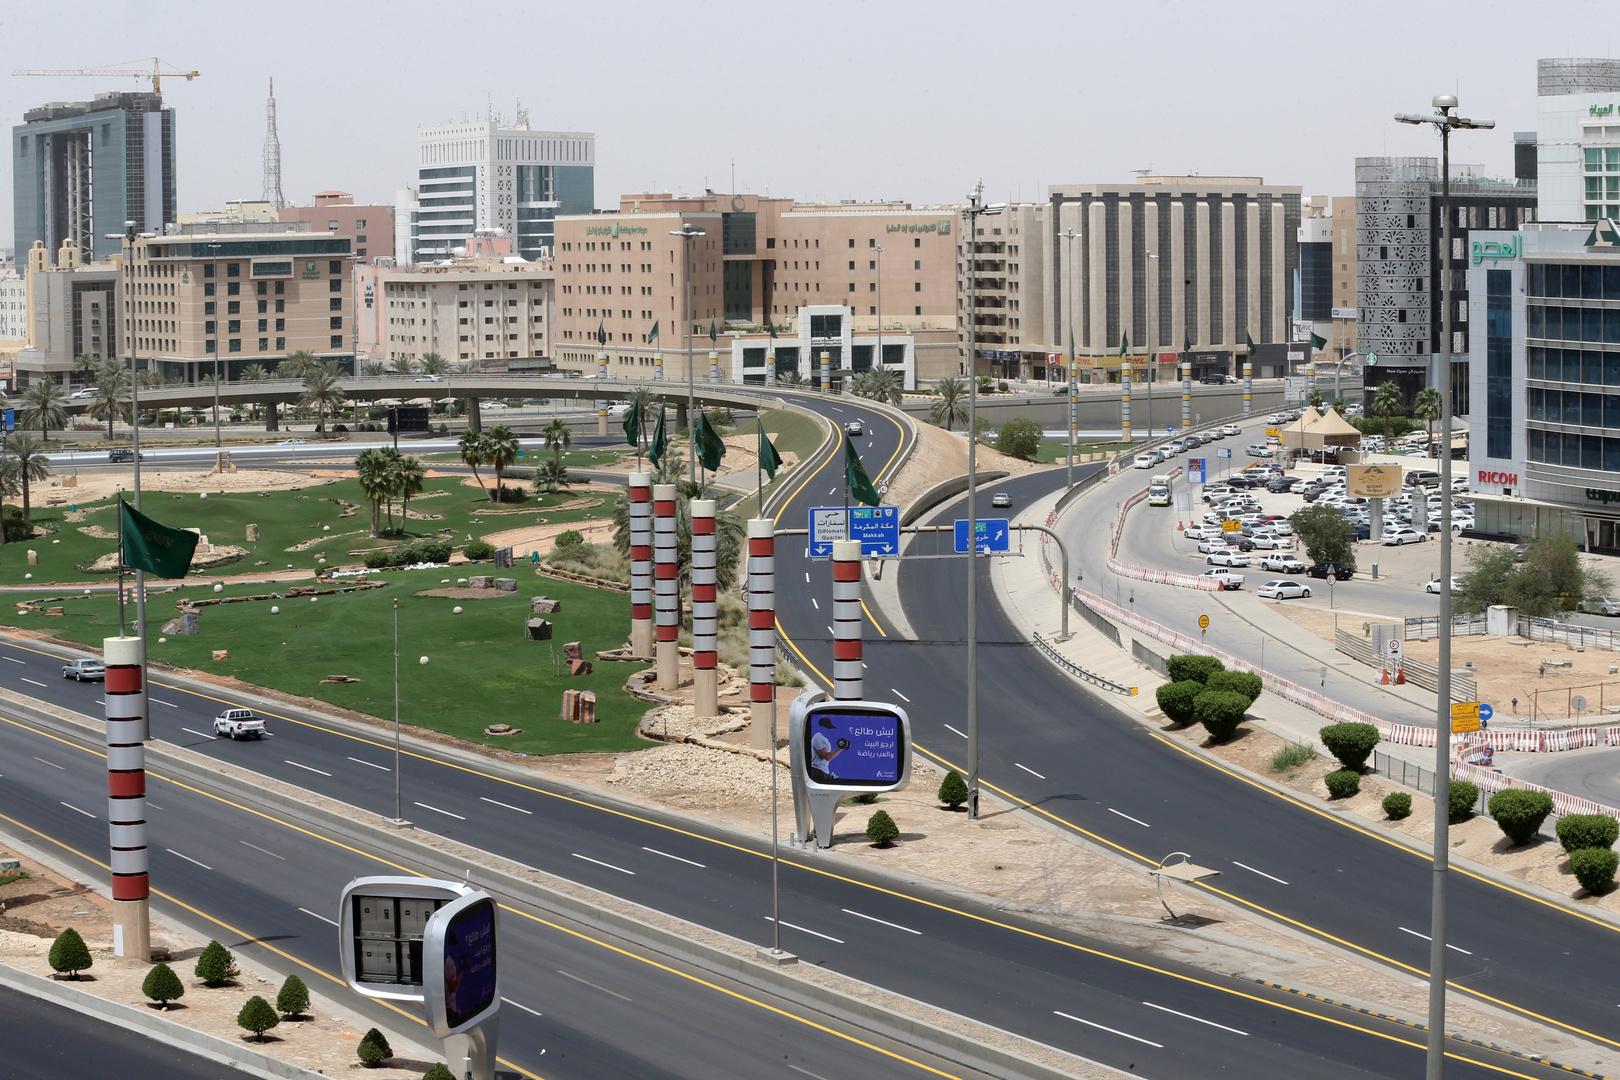 الصحة السعودية: تسجيل 355 إصابة جديدة بفيروس كورونا ليرتفع إجمالي الإصابات إلى 3287